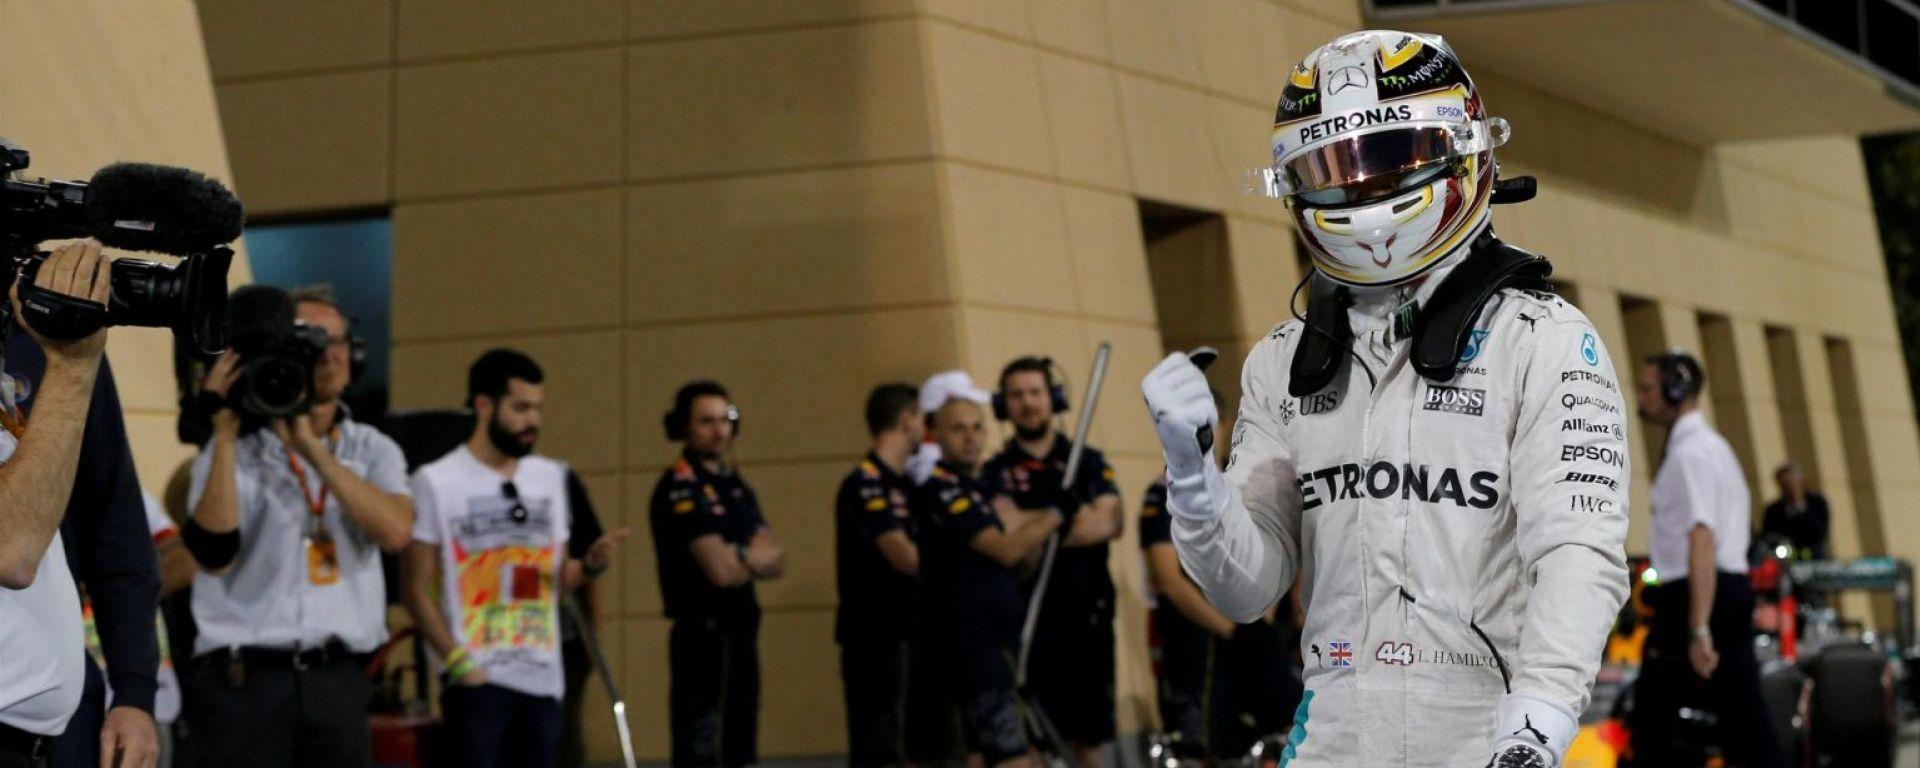 F1 GP Bahrain: Pole Position Hamilton, Vettel terzo nelle qualifiche